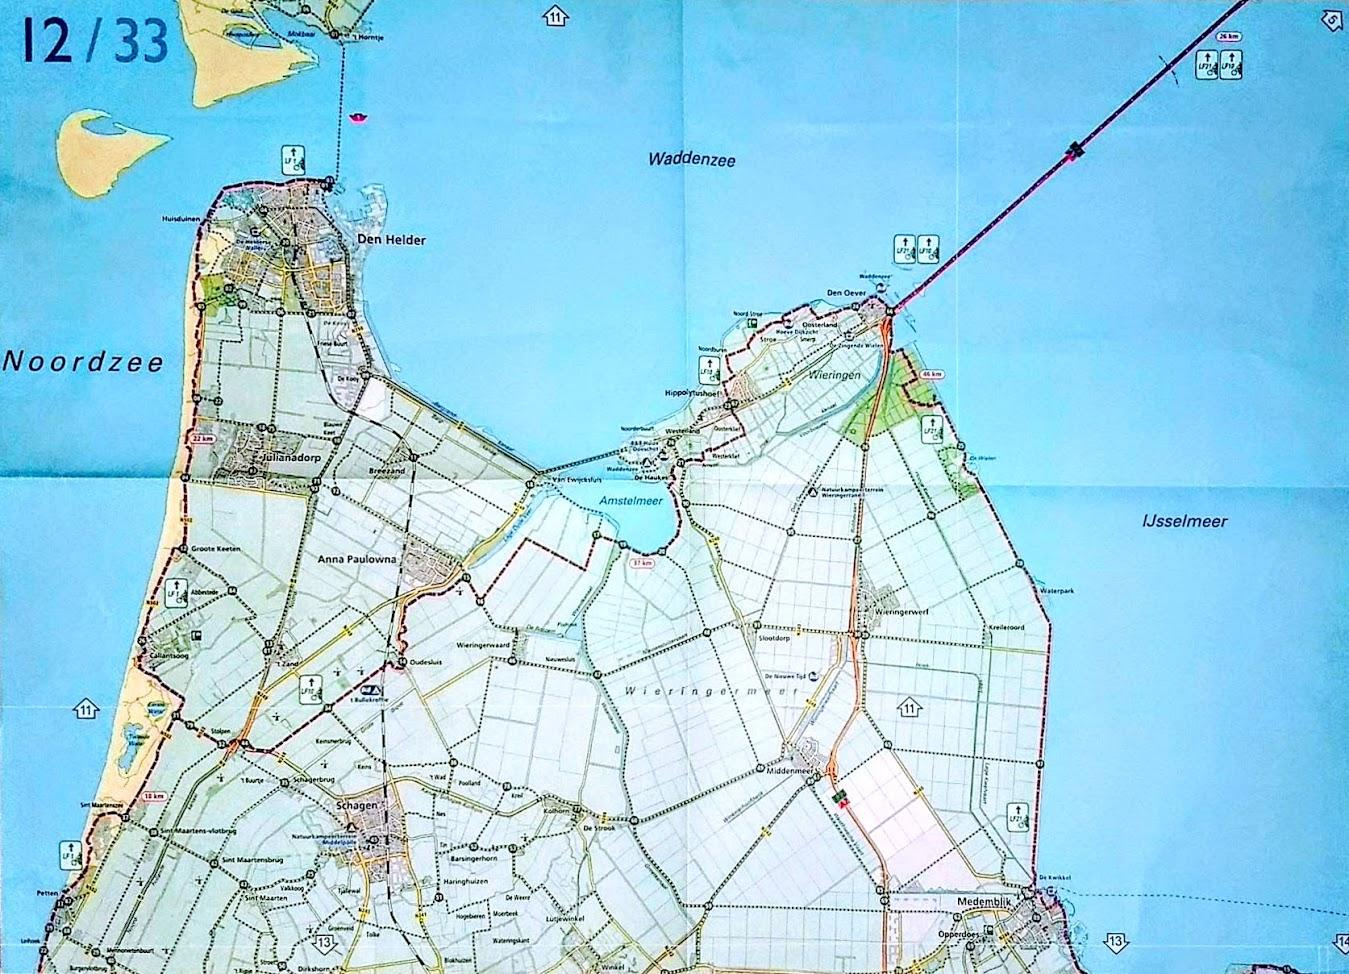 Exemple de carte 1:100 000 de l'atlas des véloroutes néerlandaises Basiskaart